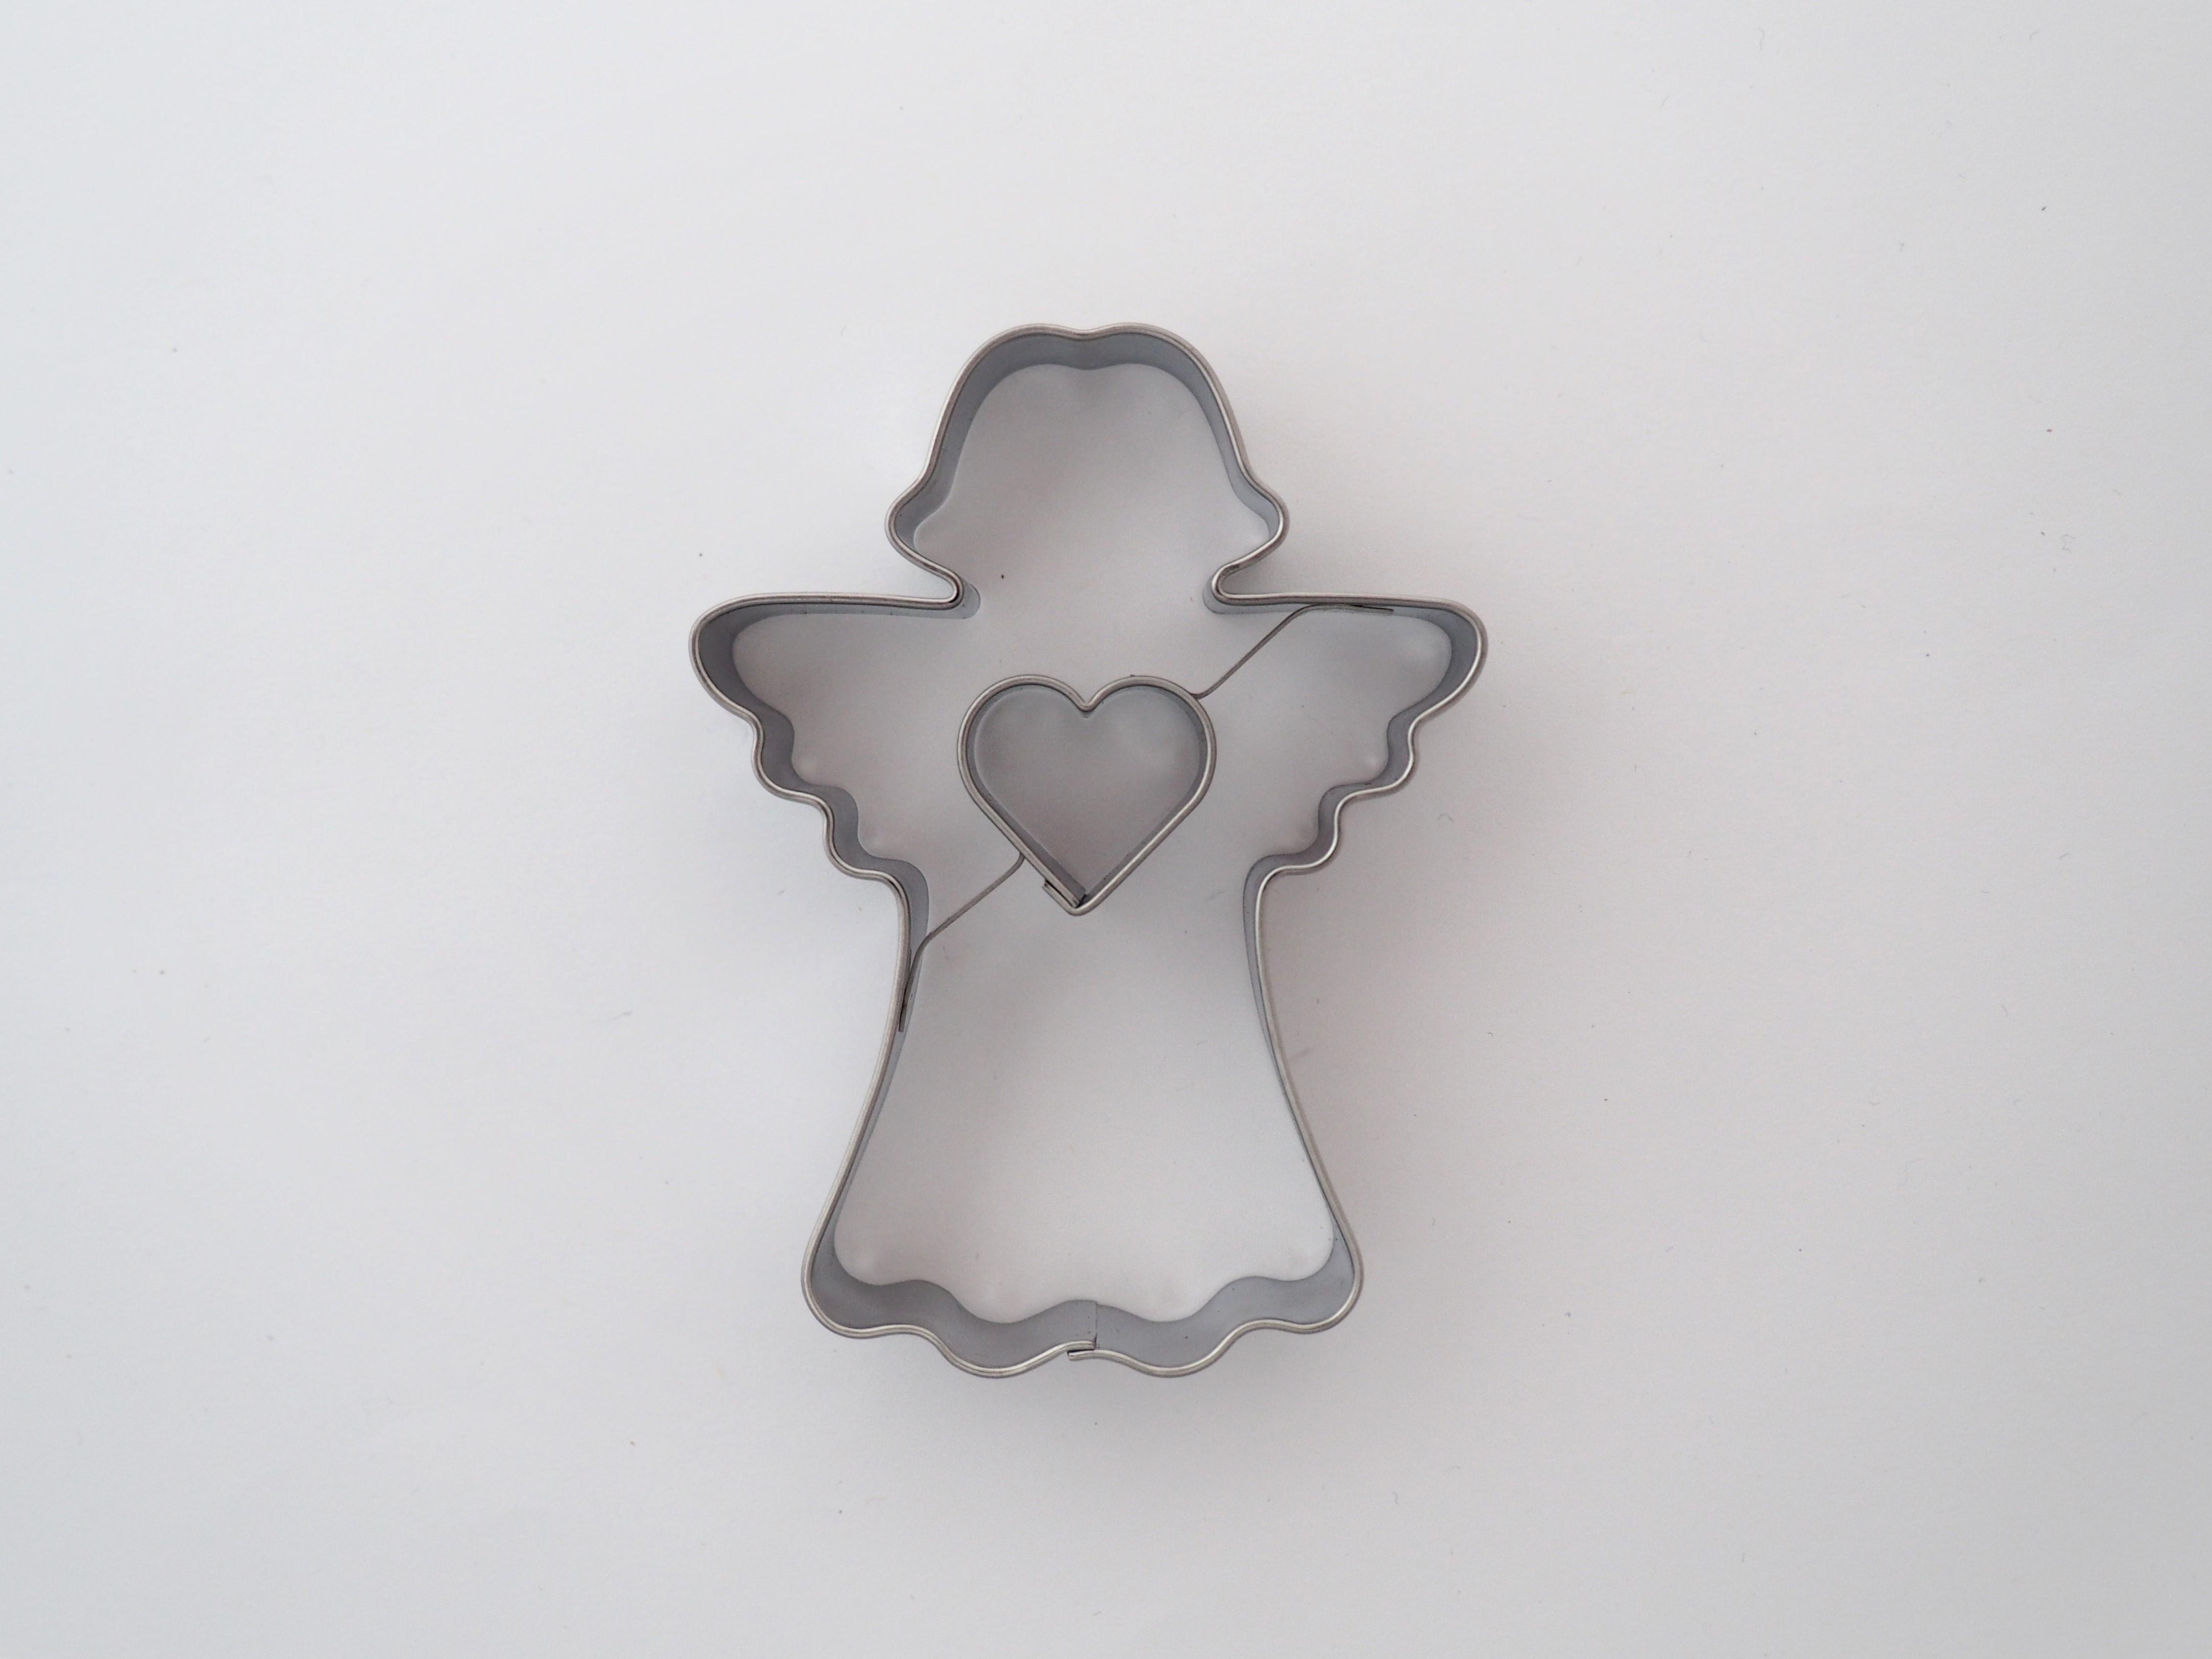 Ausstecher Engel Christkind mit Herz 7,5 cm